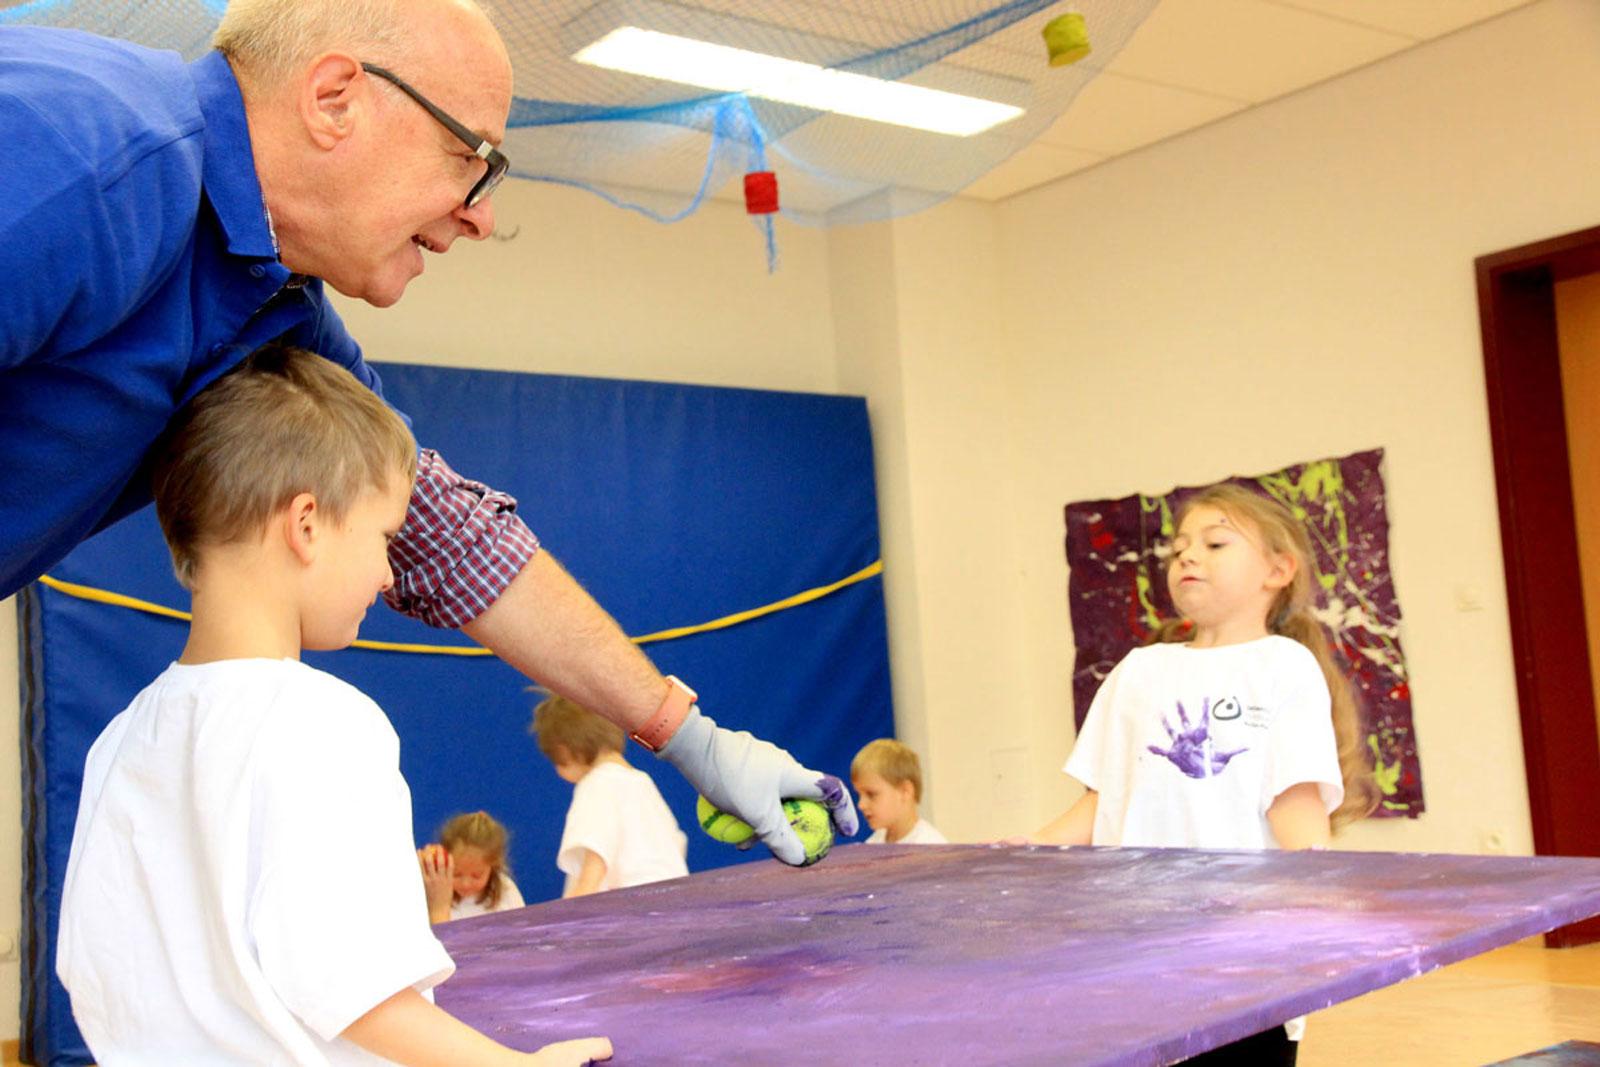 Action Painting – Therapie mit Pinsel und Farbe. Bildszene: Ein Actionpainting entsteht ... Jedes Bild ist einzigartig.